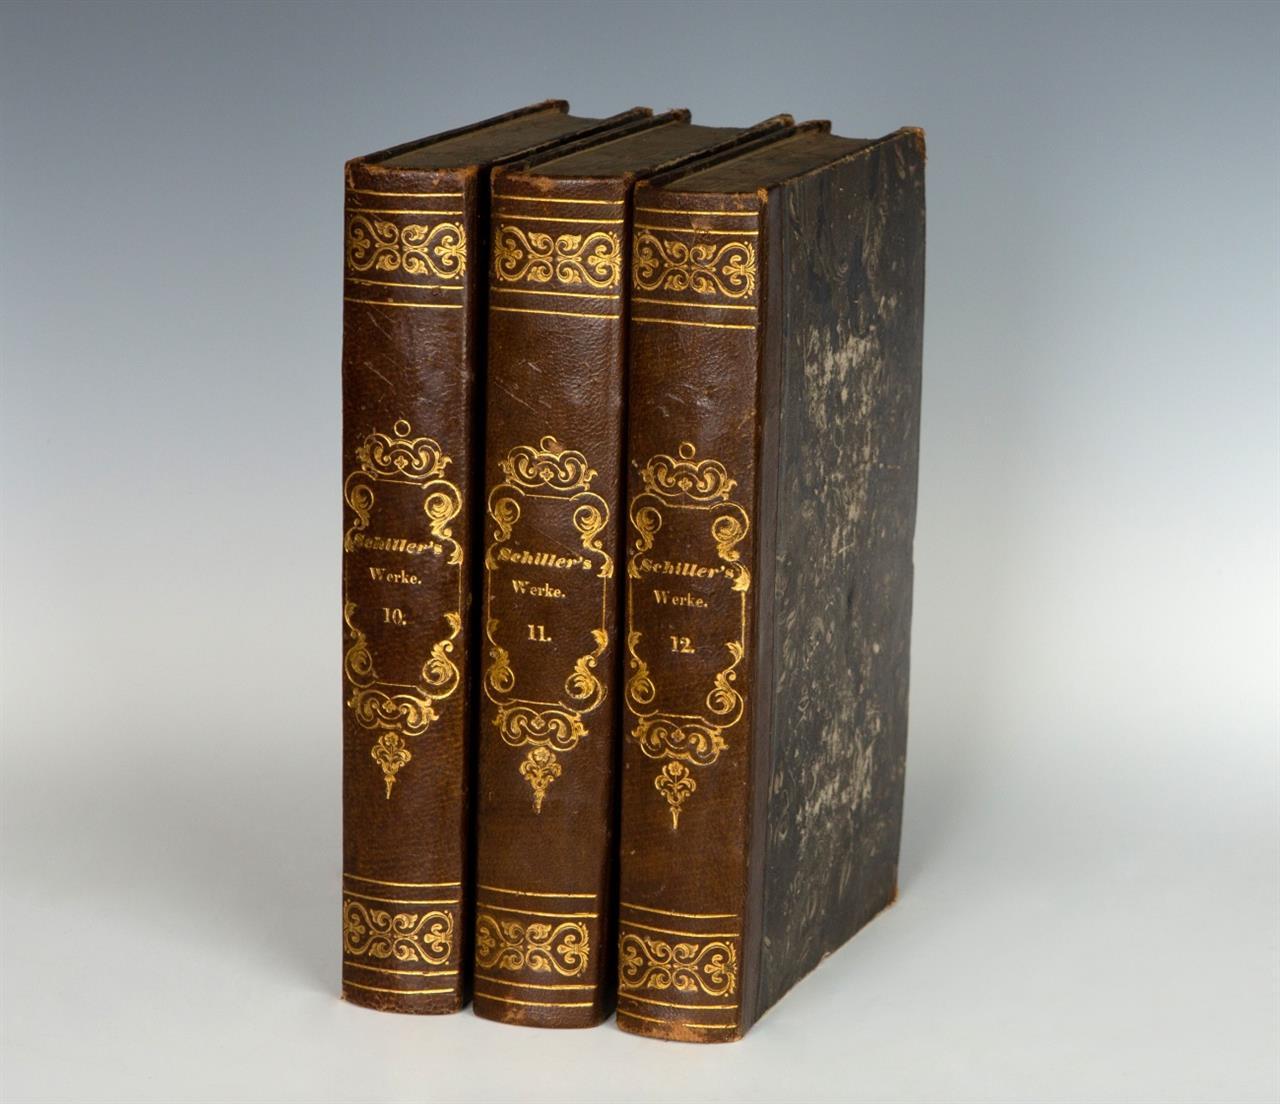 F. Schiller, Sämmtliche Werke. 12 Bde. Stgt. u. Tüb. 1835-1836.